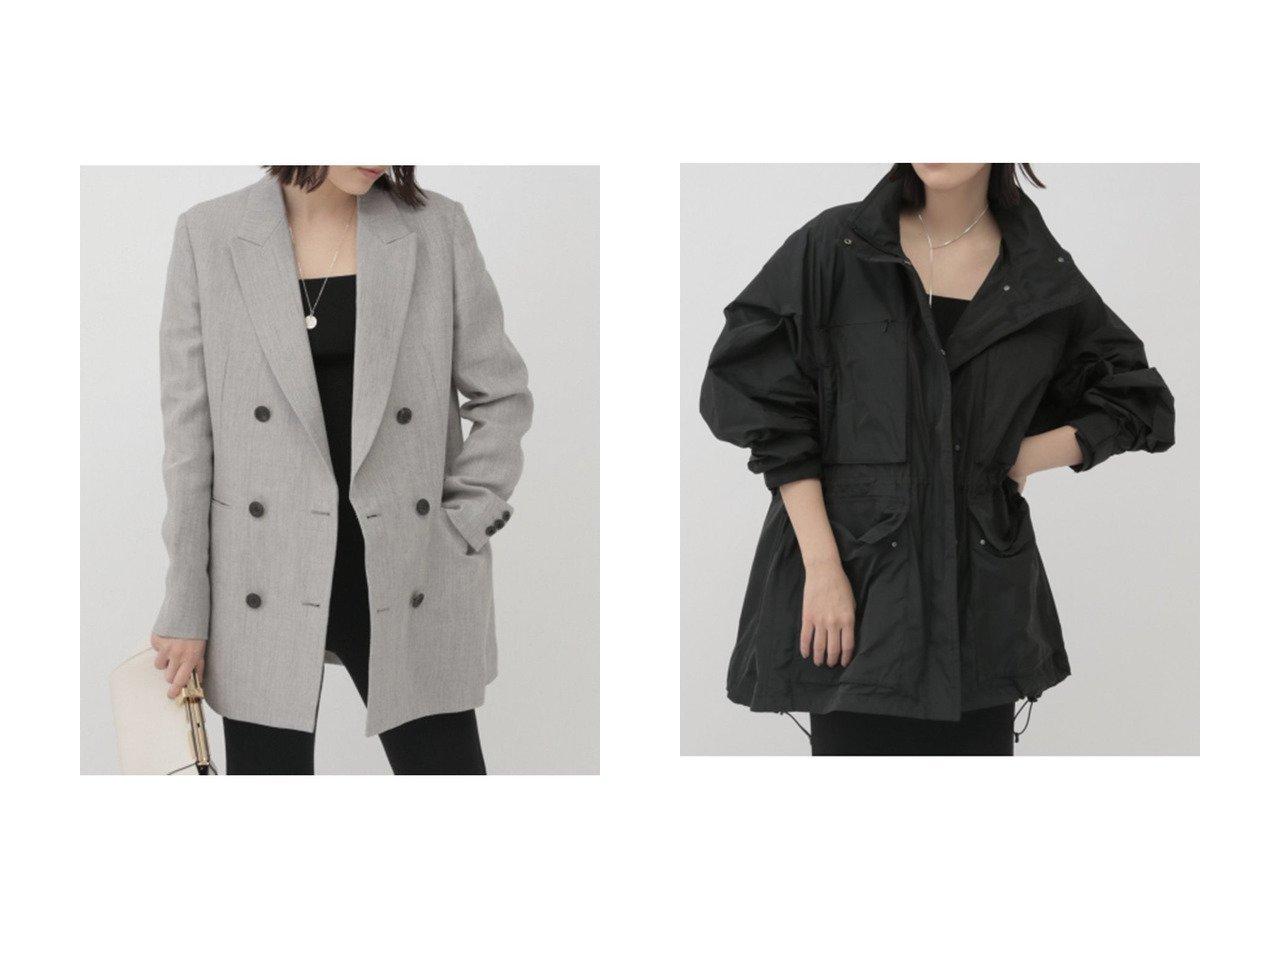 【Chaos/カオス】のプリズムライトブルゾン&グリーシャトップジャケット アウターのおすすめ!人気、トレンド・レディースファッションの通販 おすすめで人気の流行・トレンド、ファッションの通販商品 メンズファッション・キッズファッション・インテリア・家具・レディースファッション・服の通販 founy(ファニー) https://founy.com/ ファッション Fashion レディースファッション WOMEN アウター Coat Outerwear ジャケット Jackets ブルゾン Blouson Jackets 2021年 2021 2021 春夏 S/S SS Spring/Summer 2021 S/S 春夏 SS Spring/Summer コンパクト ジャケット タフタ ブルゾン ポケット 春 Spring 軽量 シルケット セットアップ ダブル リネン  ID:crp329100000015454